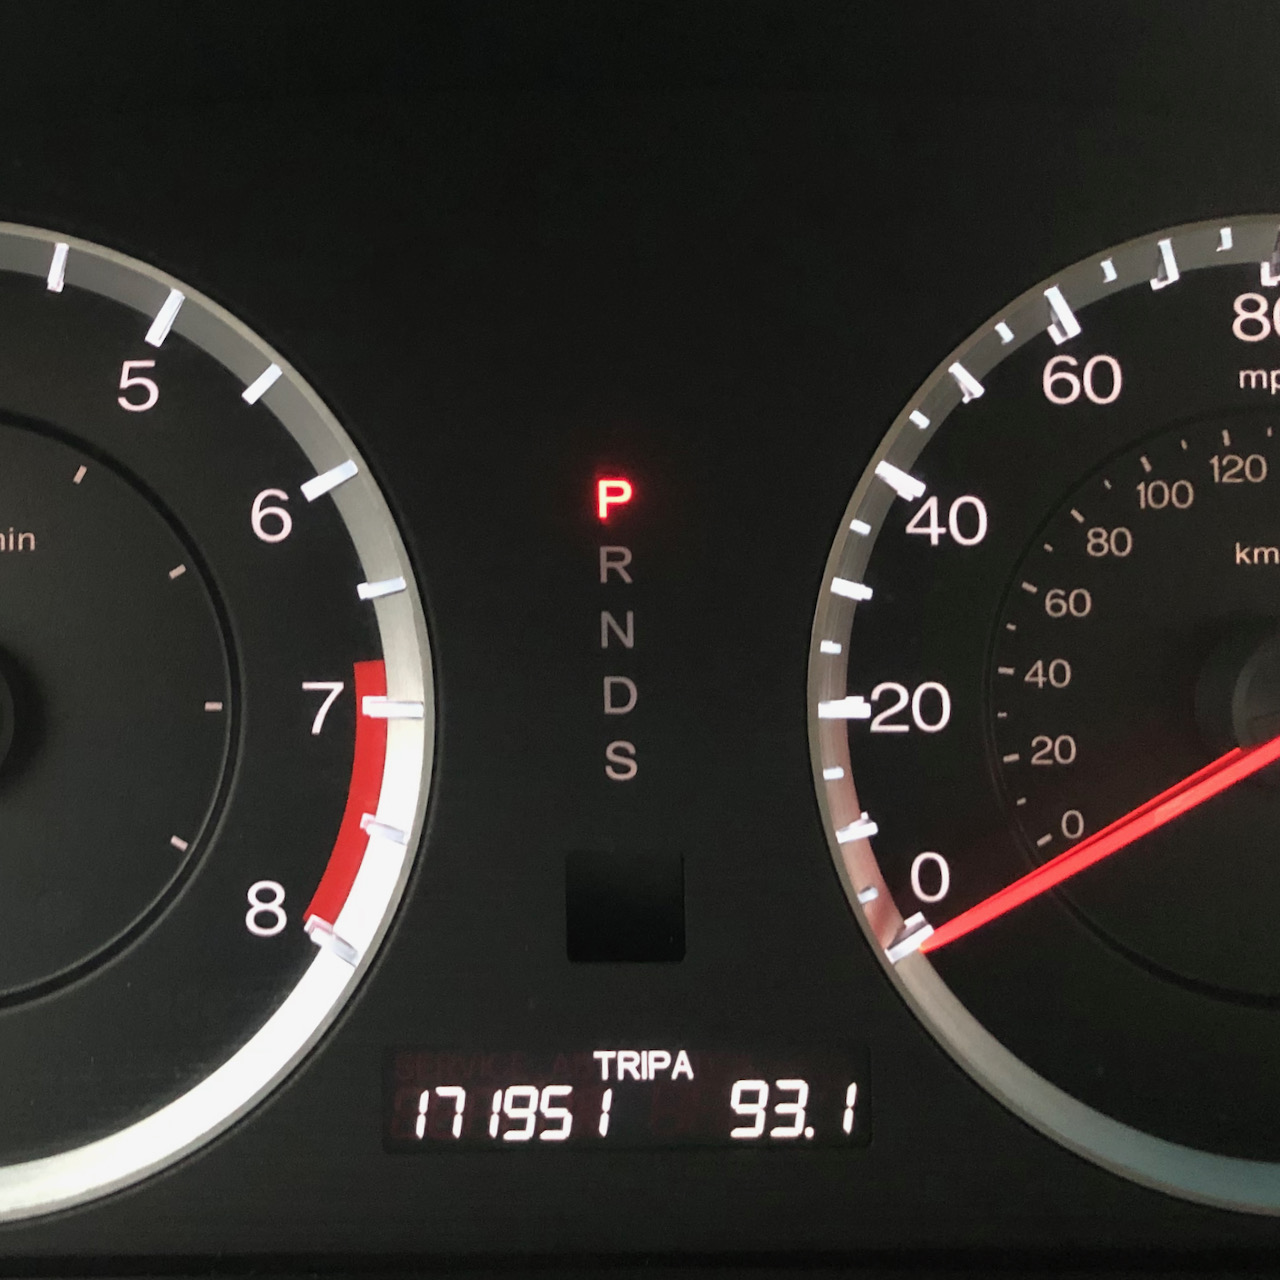 Car odometer reading 171951 93.1